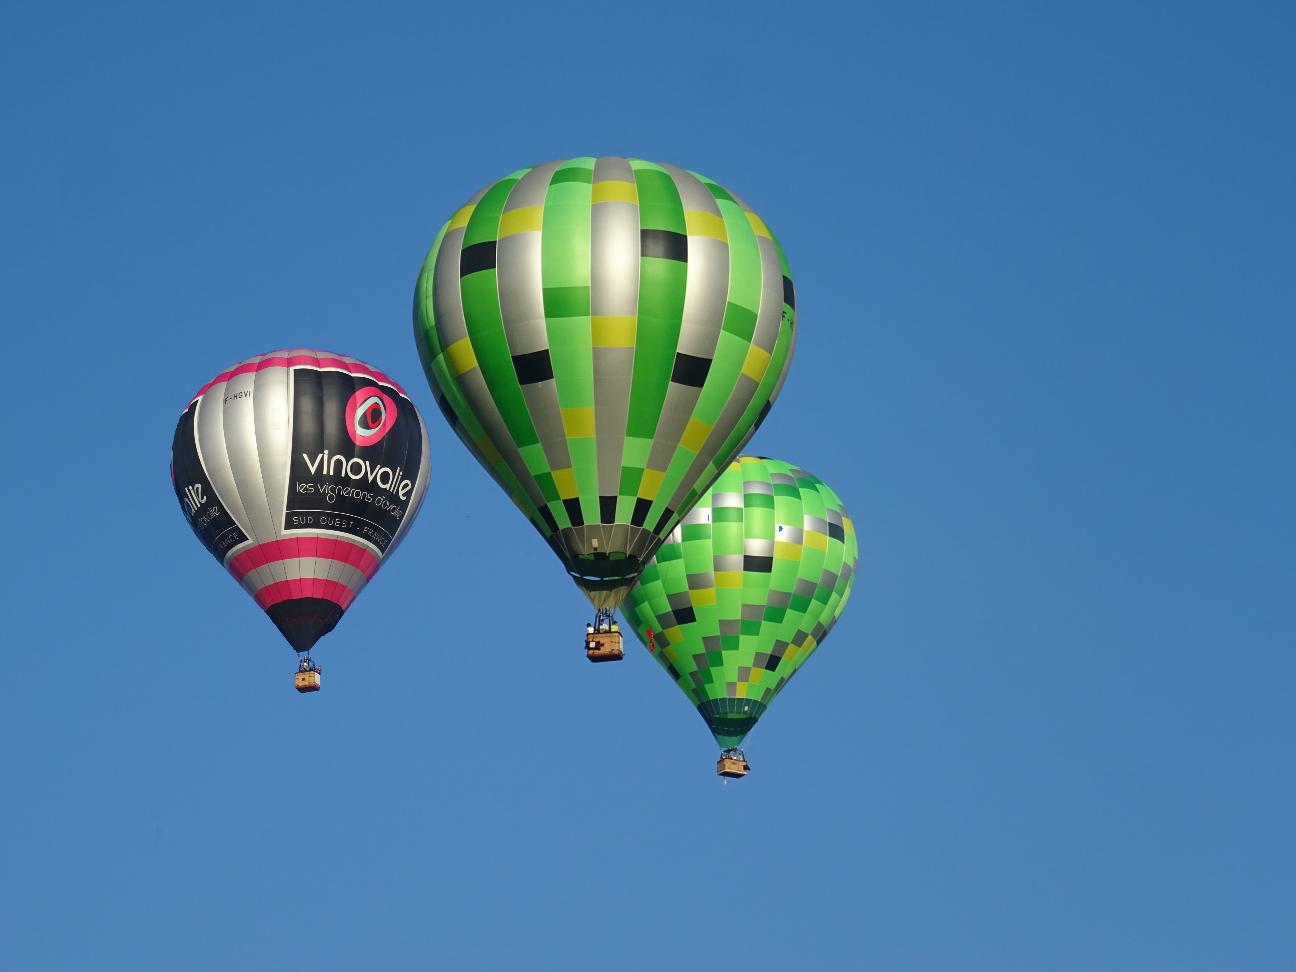 Flotte d'Atmosph'Air montgolfières occitanes dans le Tarn et Aveyron